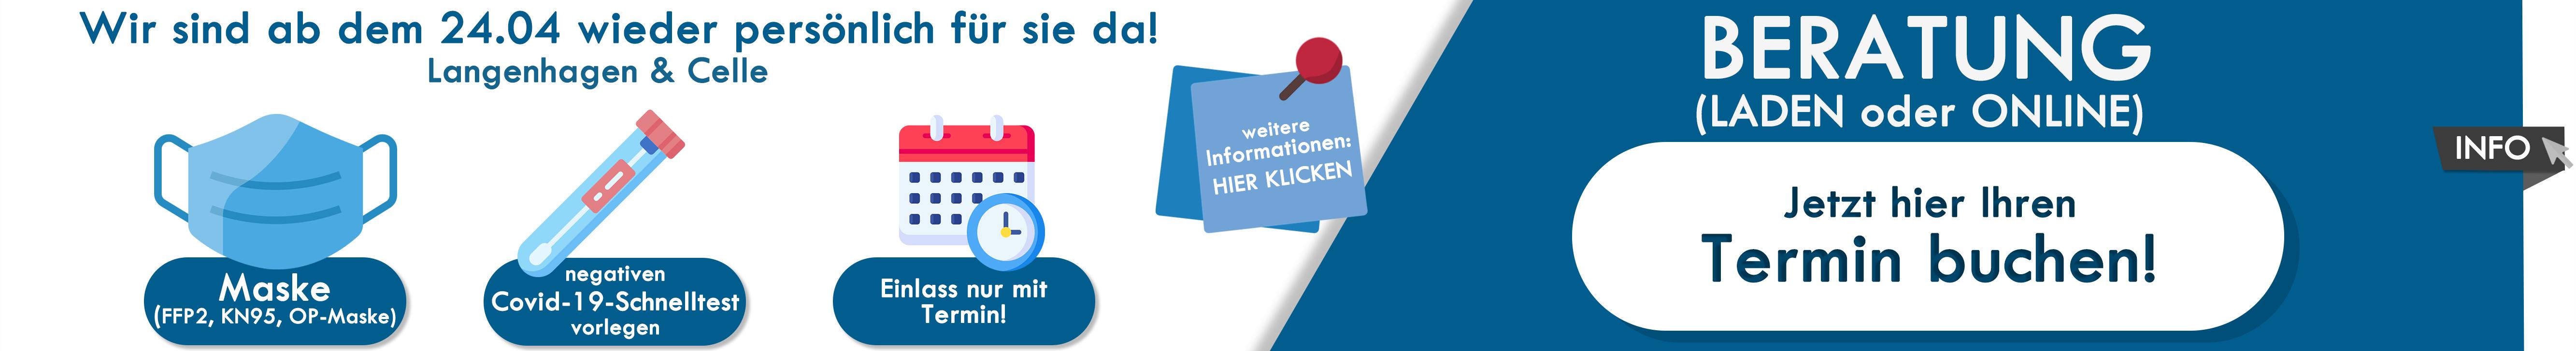 infobanner-termin-und-oeffnungedrN2qkKoUST6